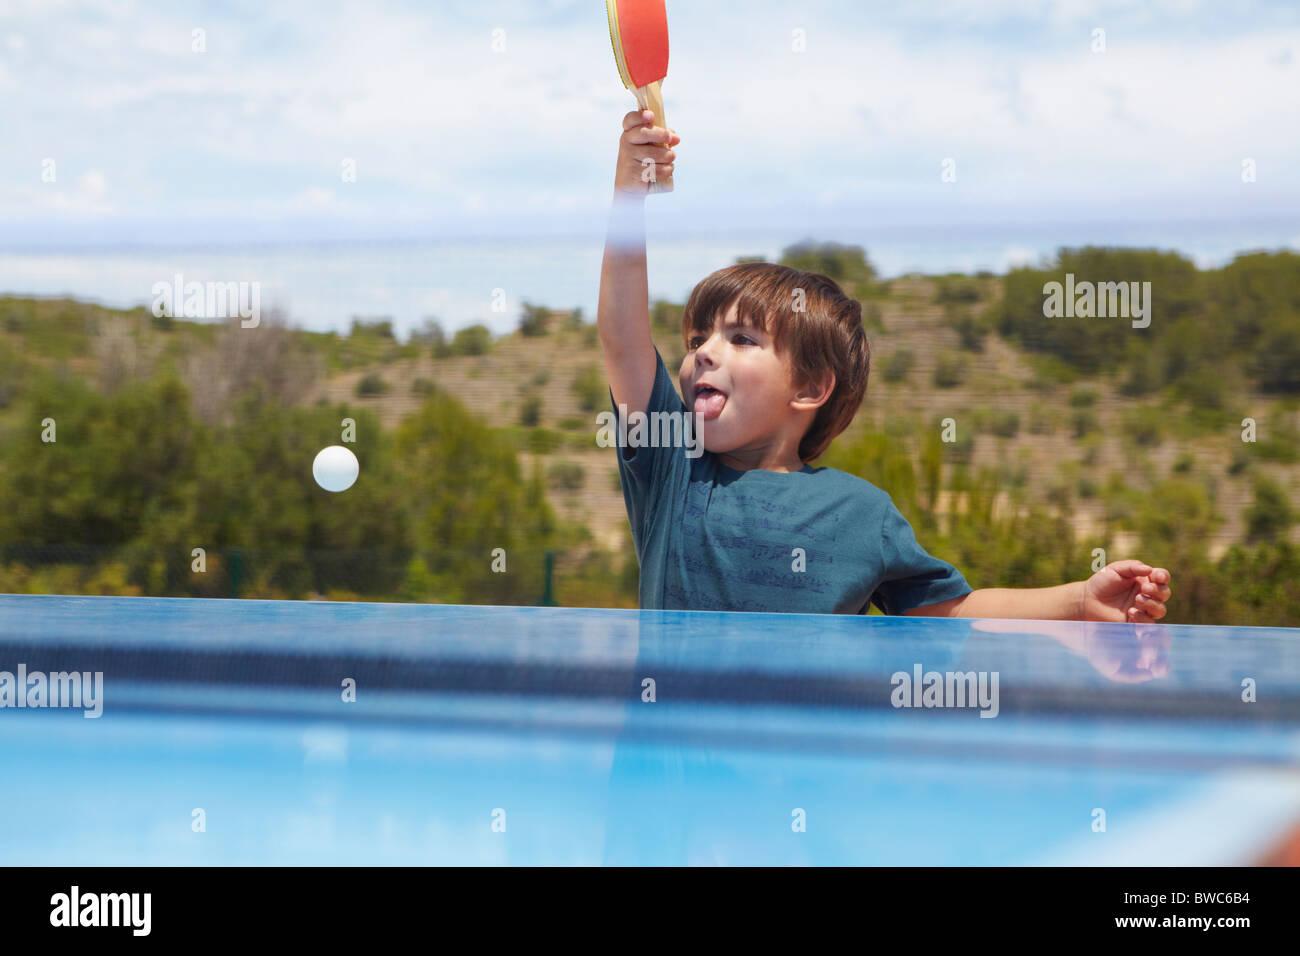 Joven jugando al tenis de mesa en el exterior Imagen De Stock